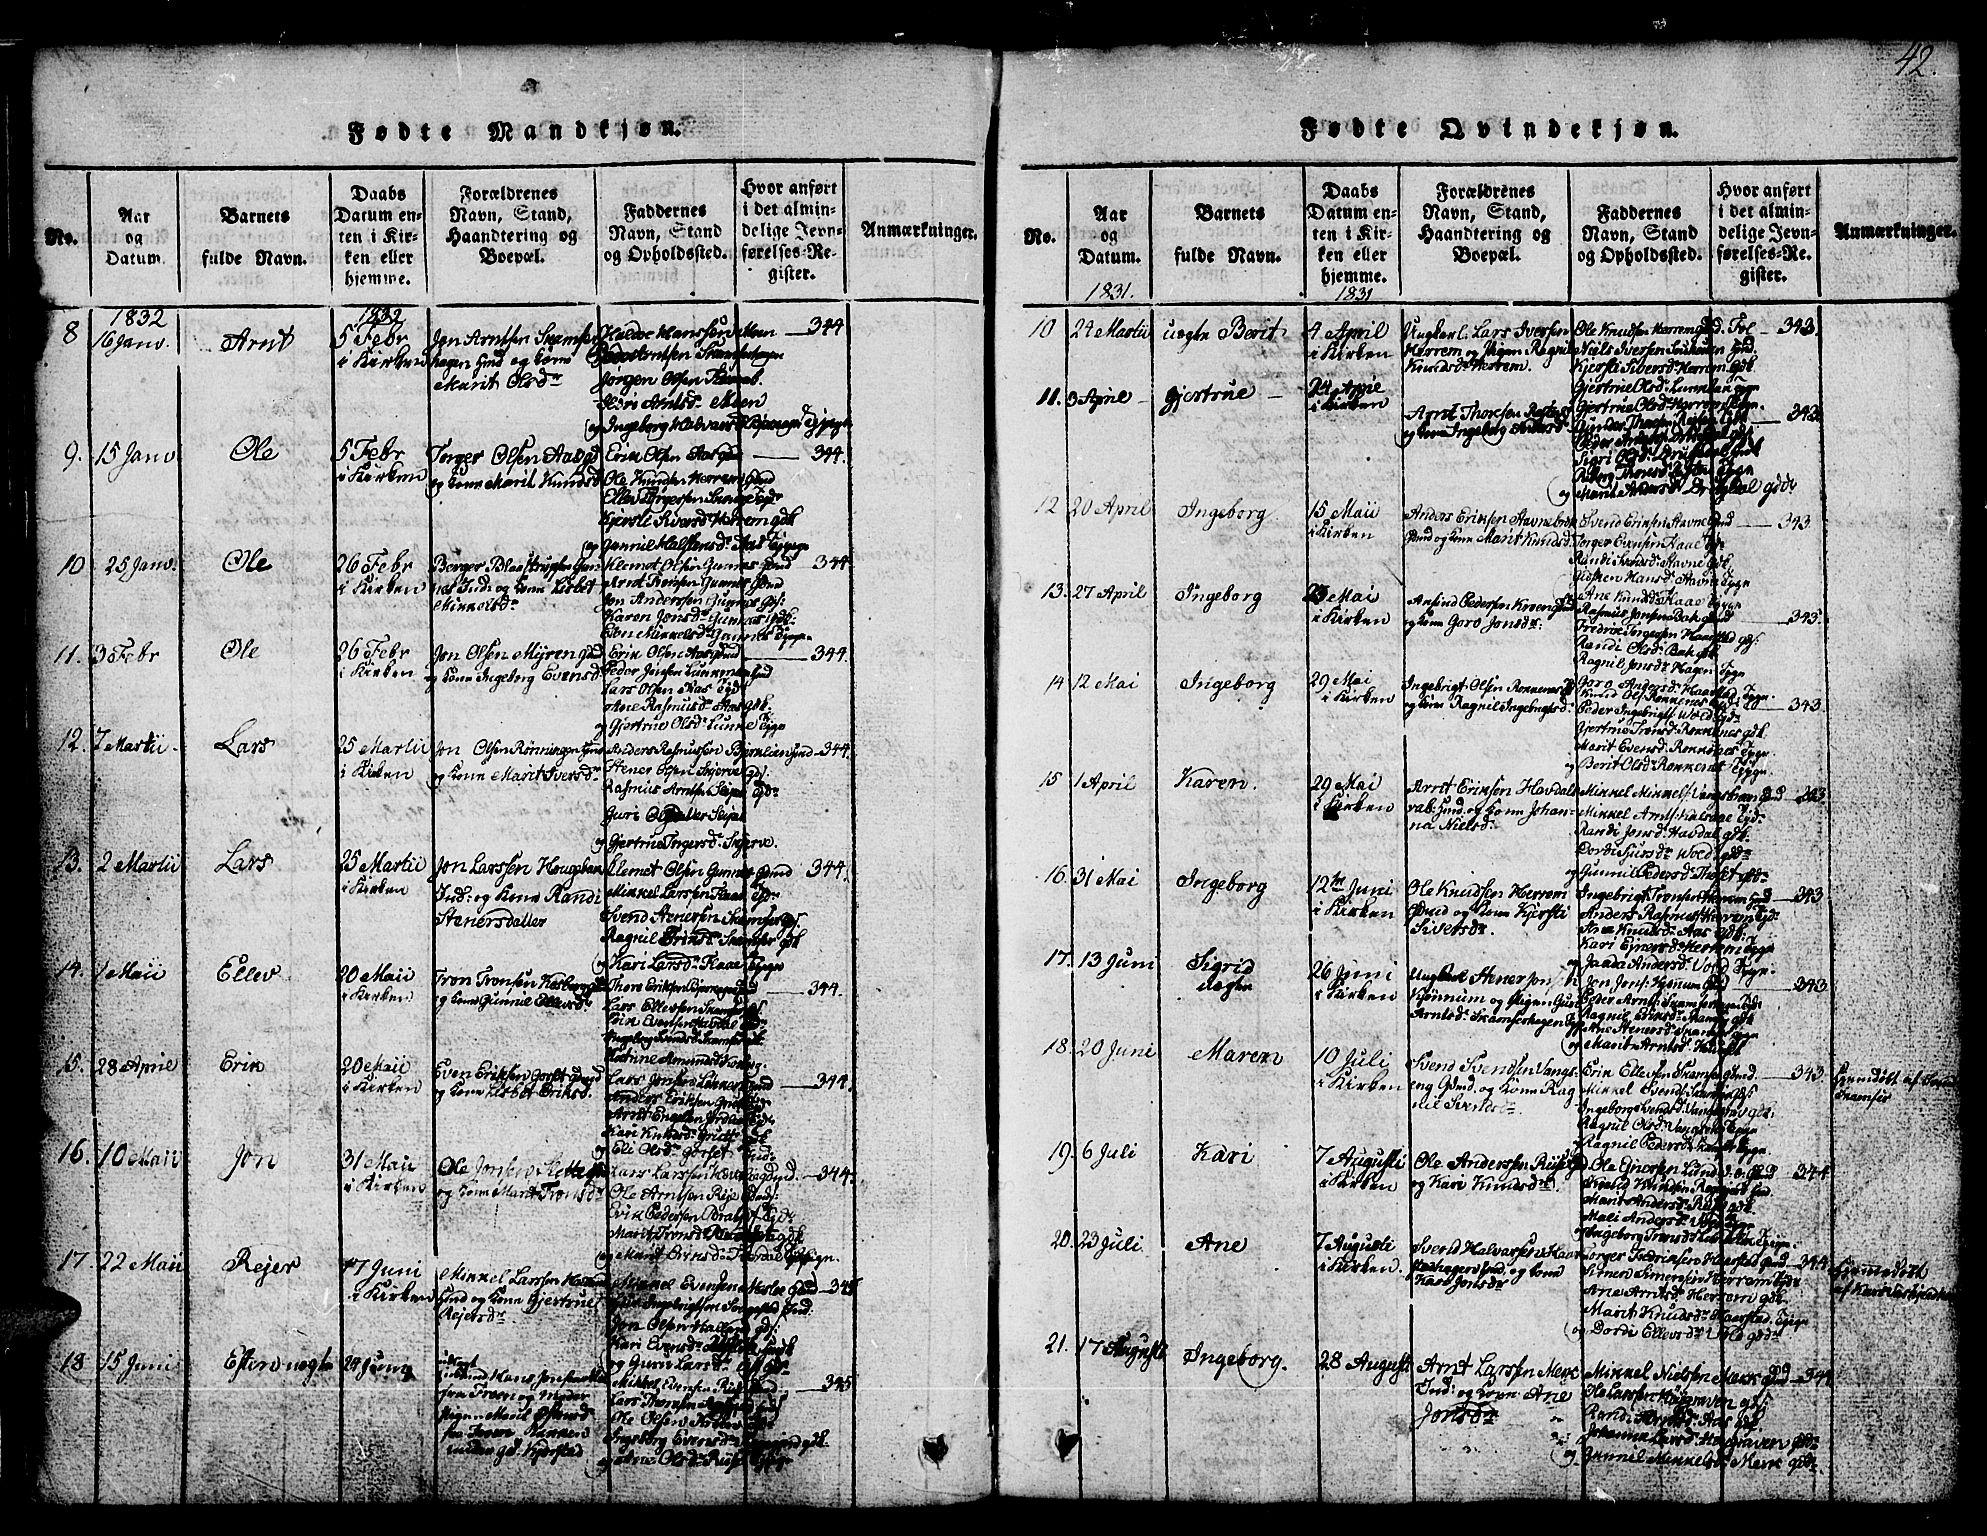 SAT, Ministerialprotokoller, klokkerbøker og fødselsregistre - Sør-Trøndelag, 674/L0874: Klokkerbok nr. 674C01, 1816-1860, s. 42